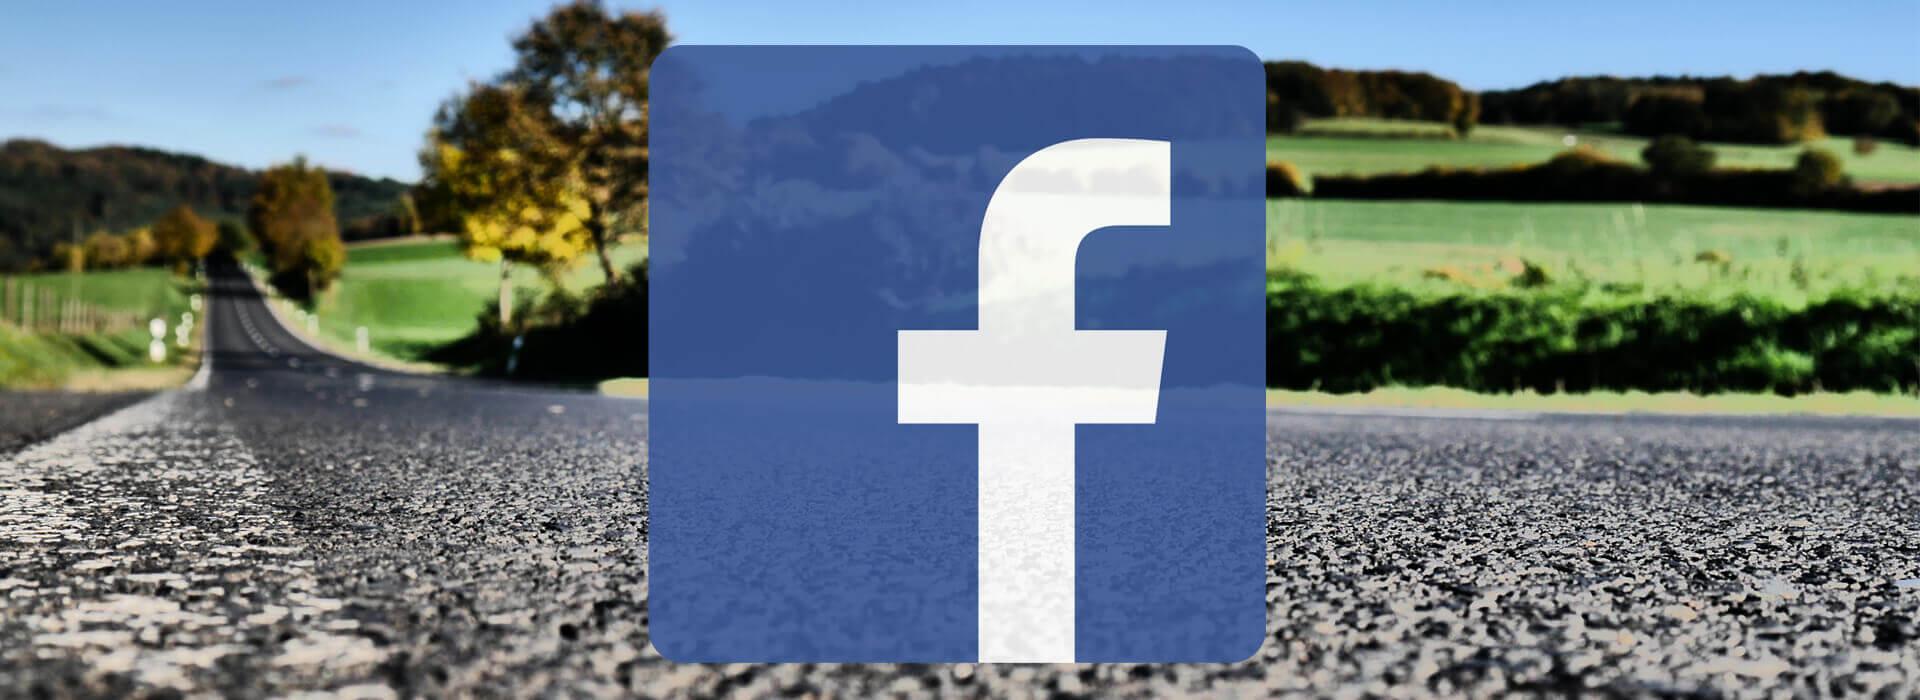 DINOB jetzt auch auf Facebook